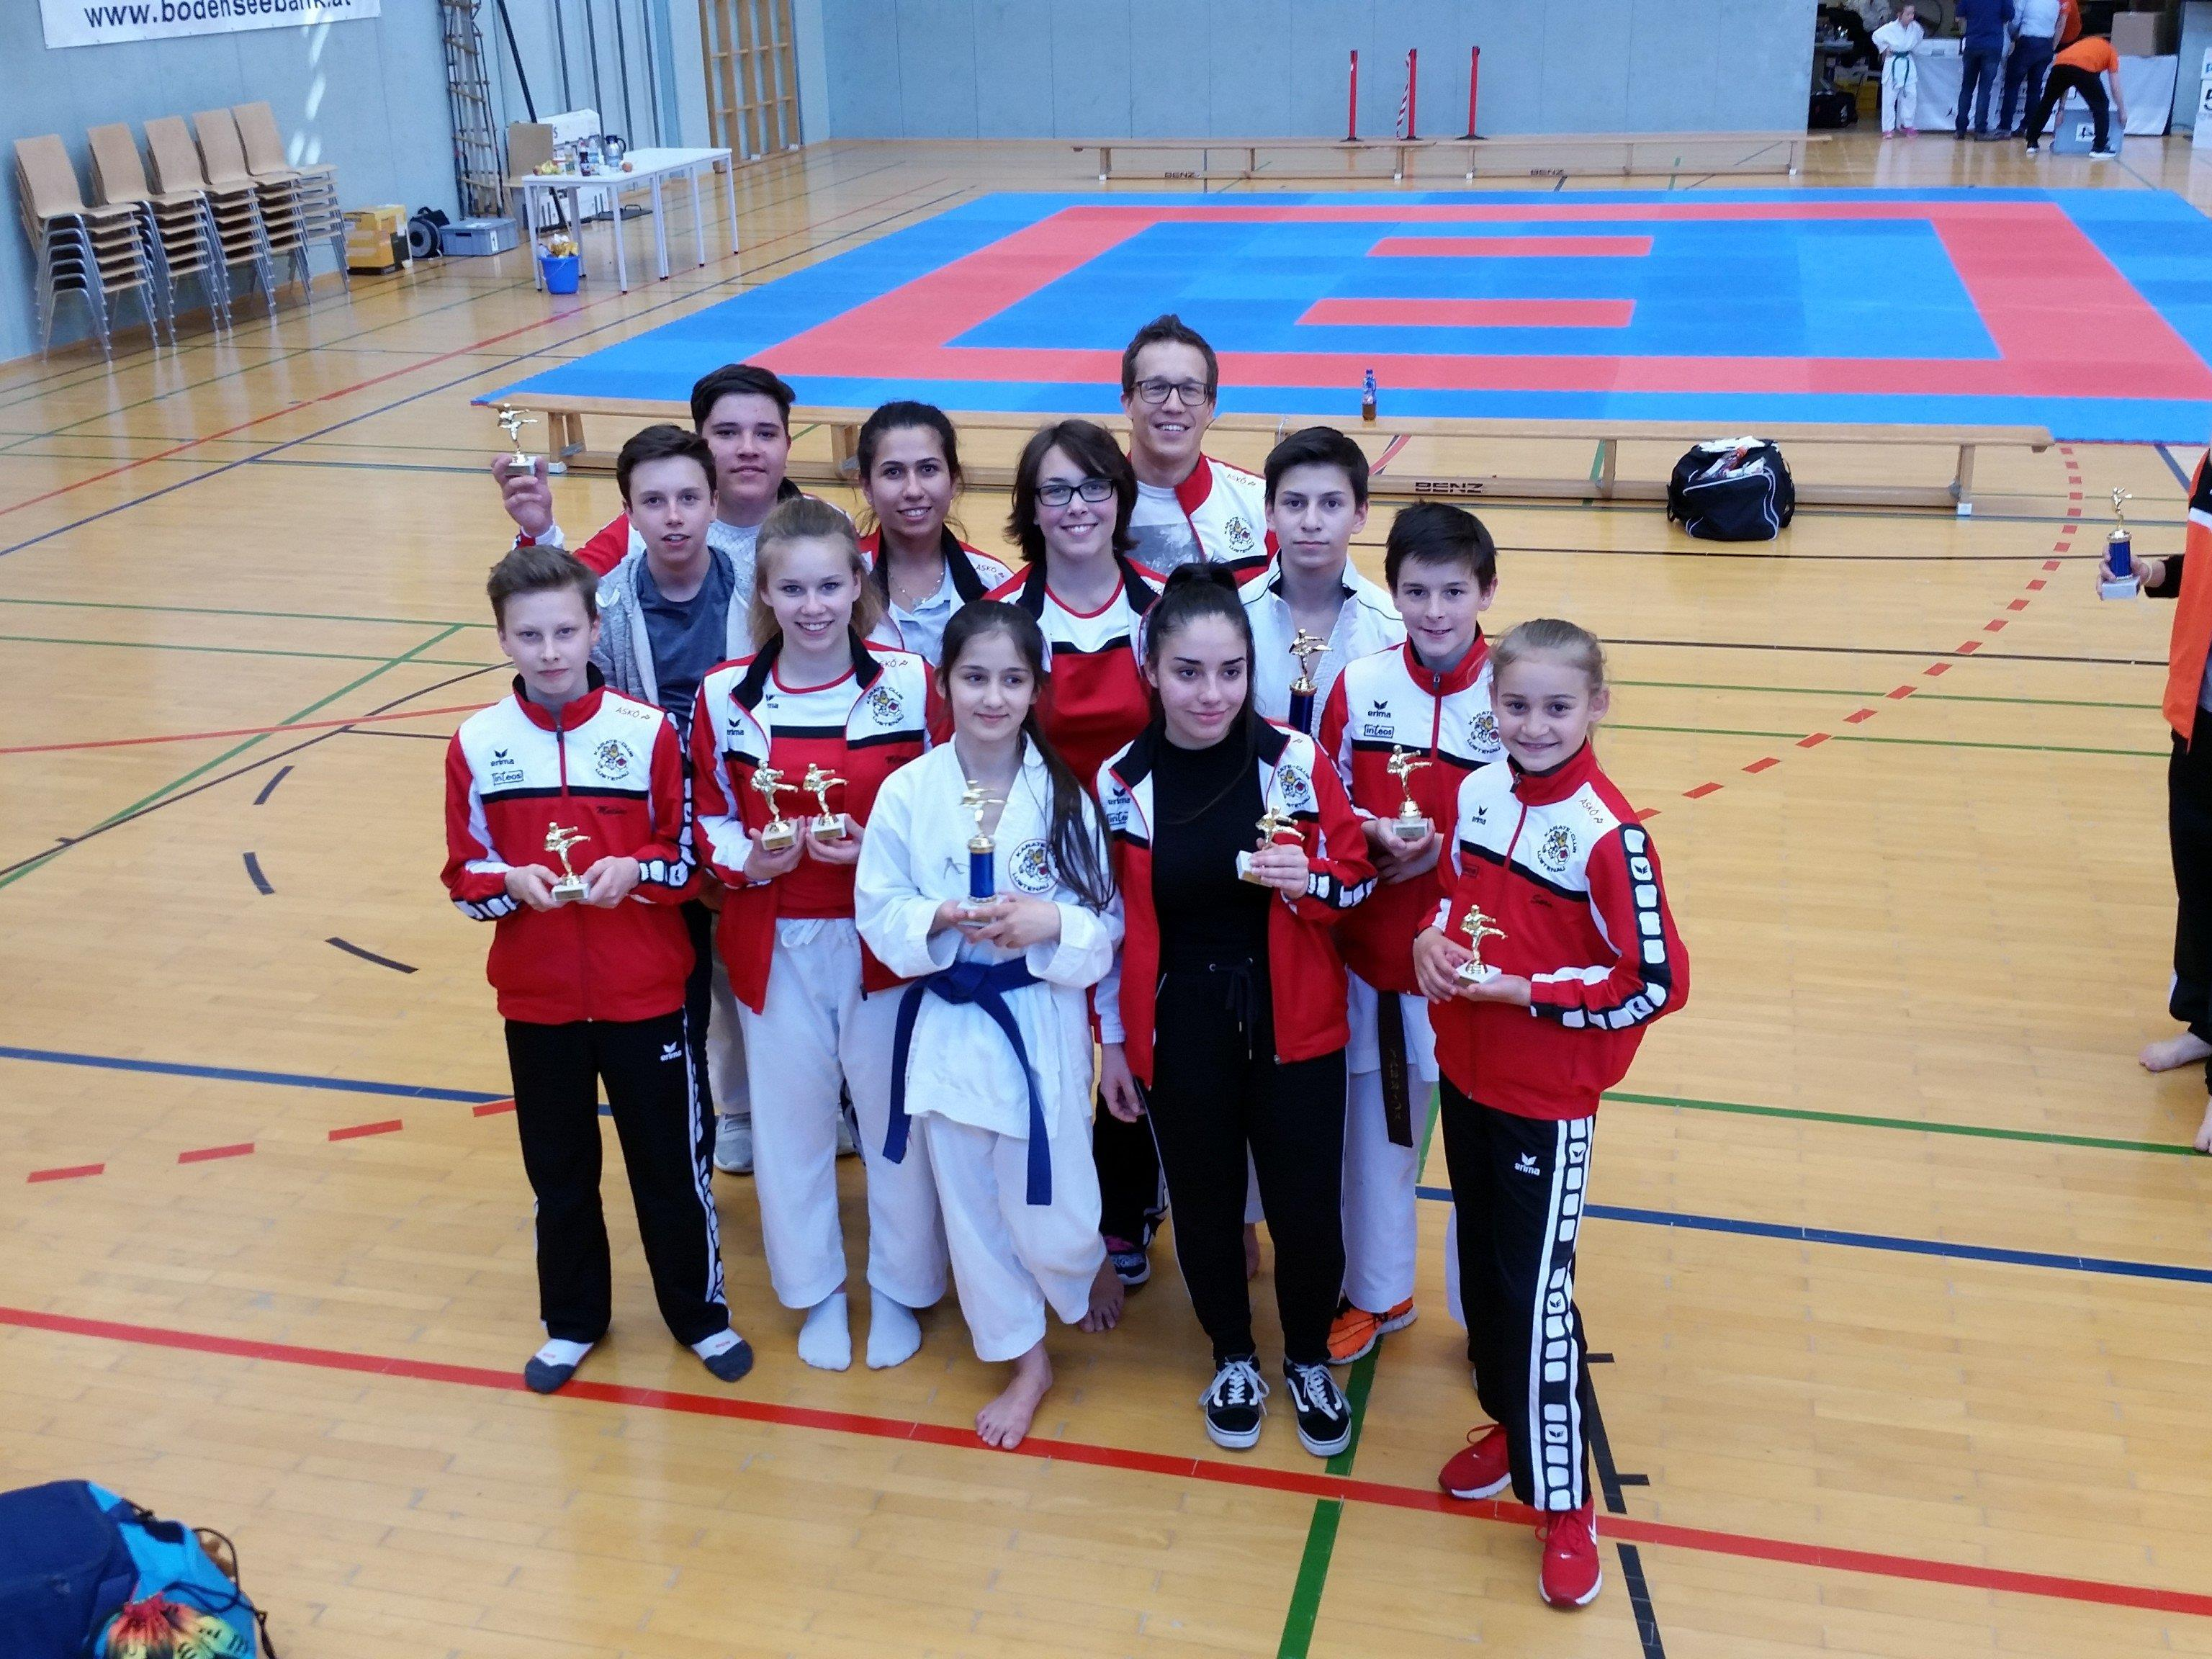 Über insgesamt 14 Medaillen durften sich die Lustenauer Karatesportler beim Nicki-Cup in Höchst freuen.